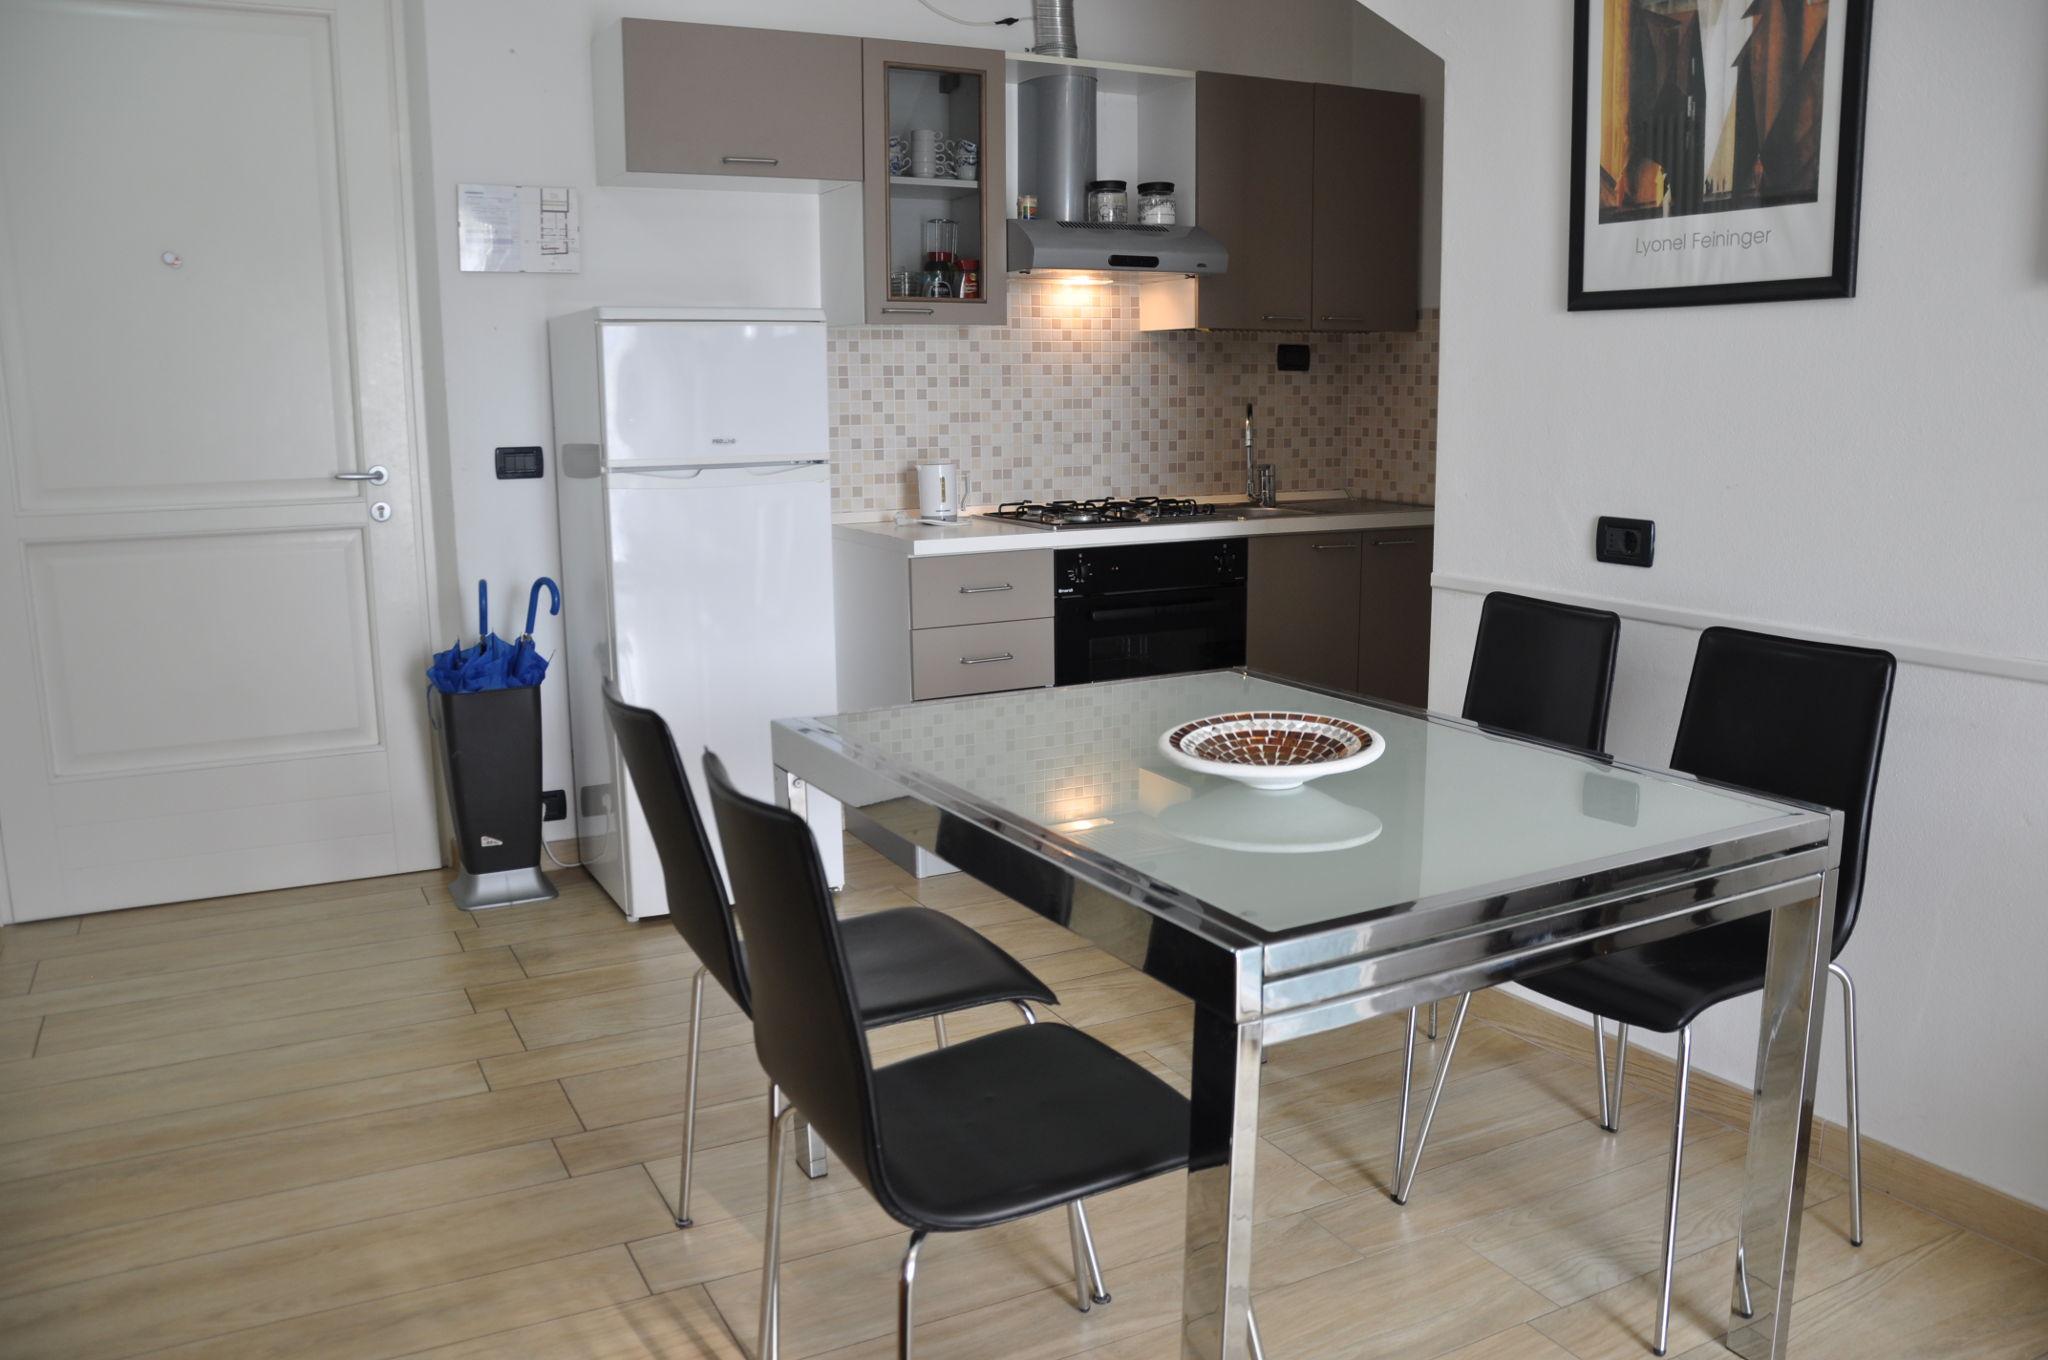 Appartements im La Colombara in Bardolino am Gardasee